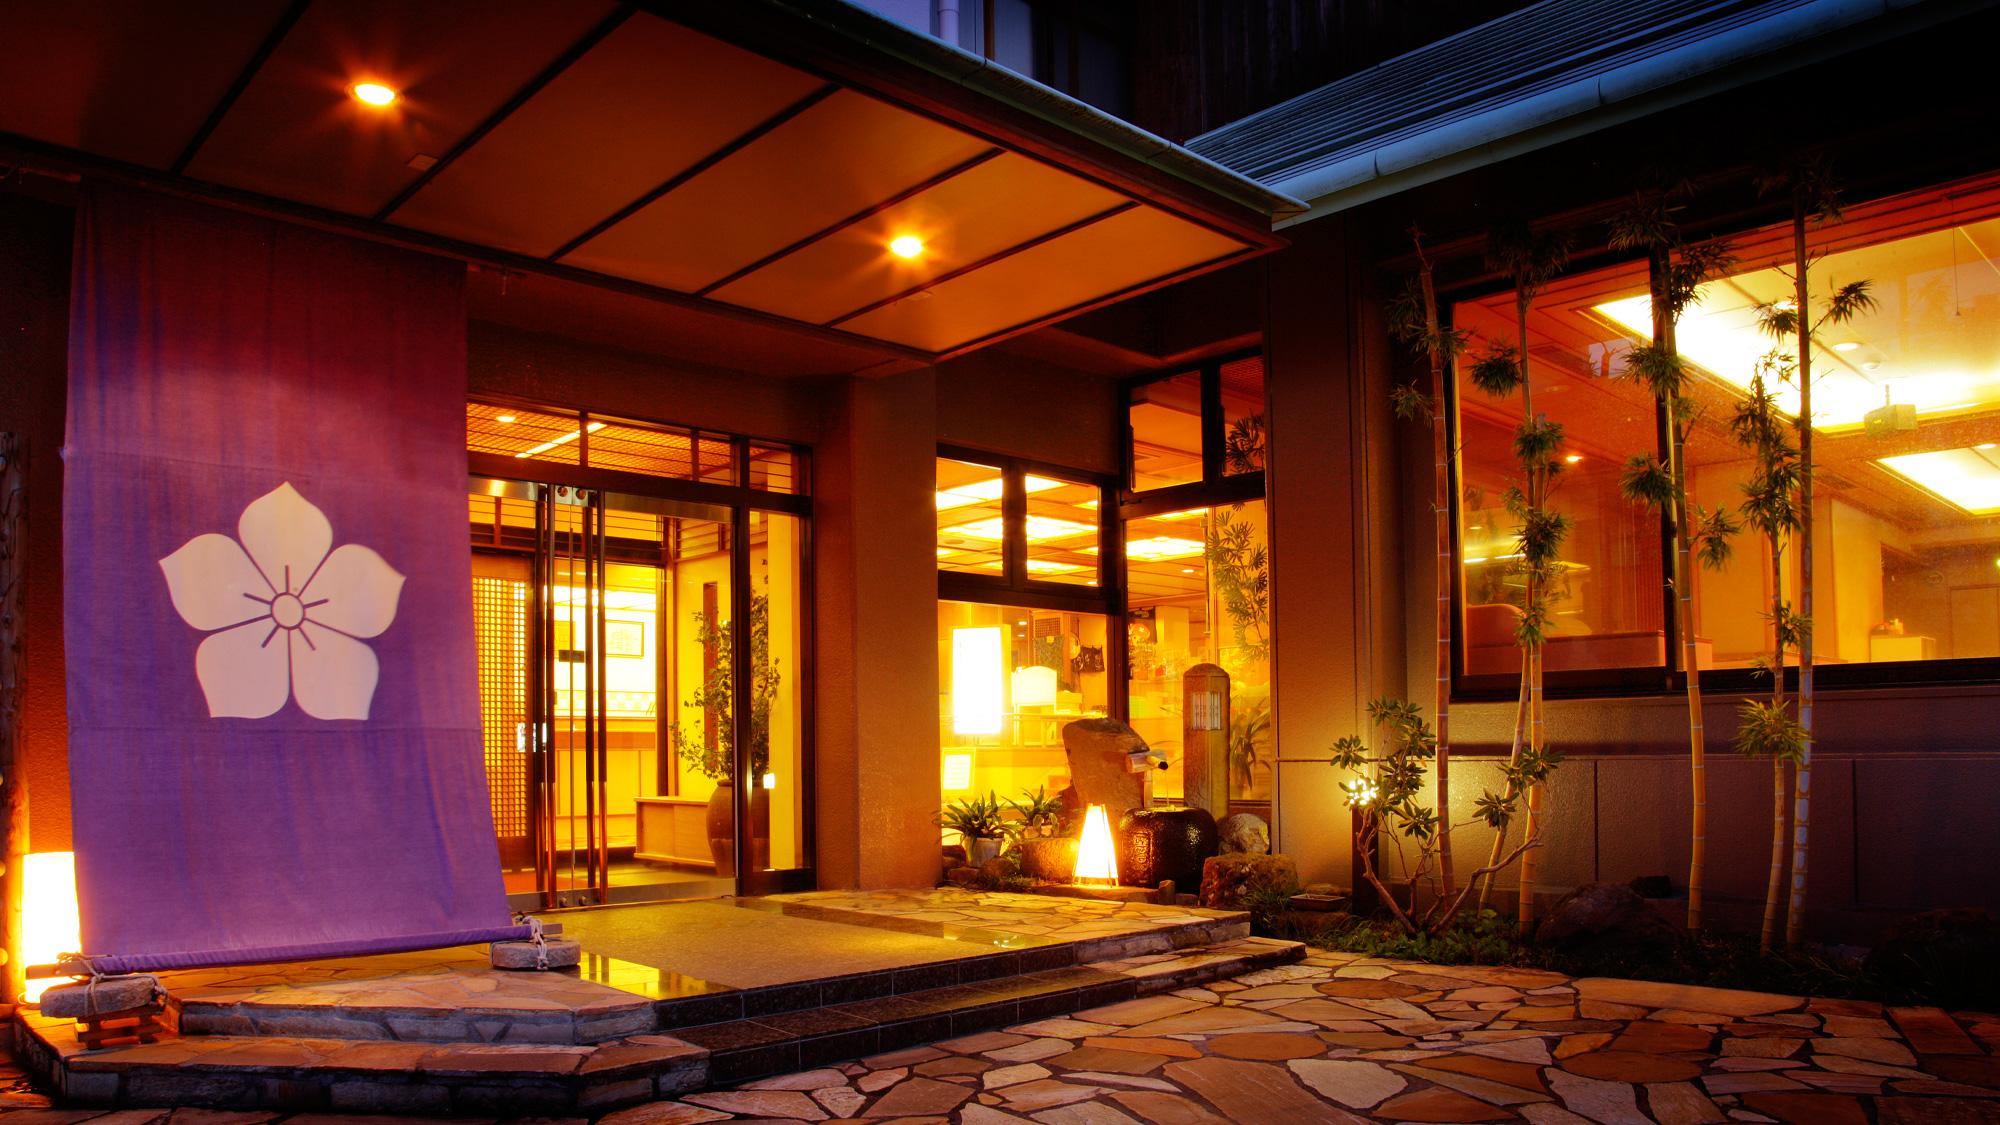 伊香保温泉で2万円以内で泊まれる、露天風呂の素敵な旅館は?